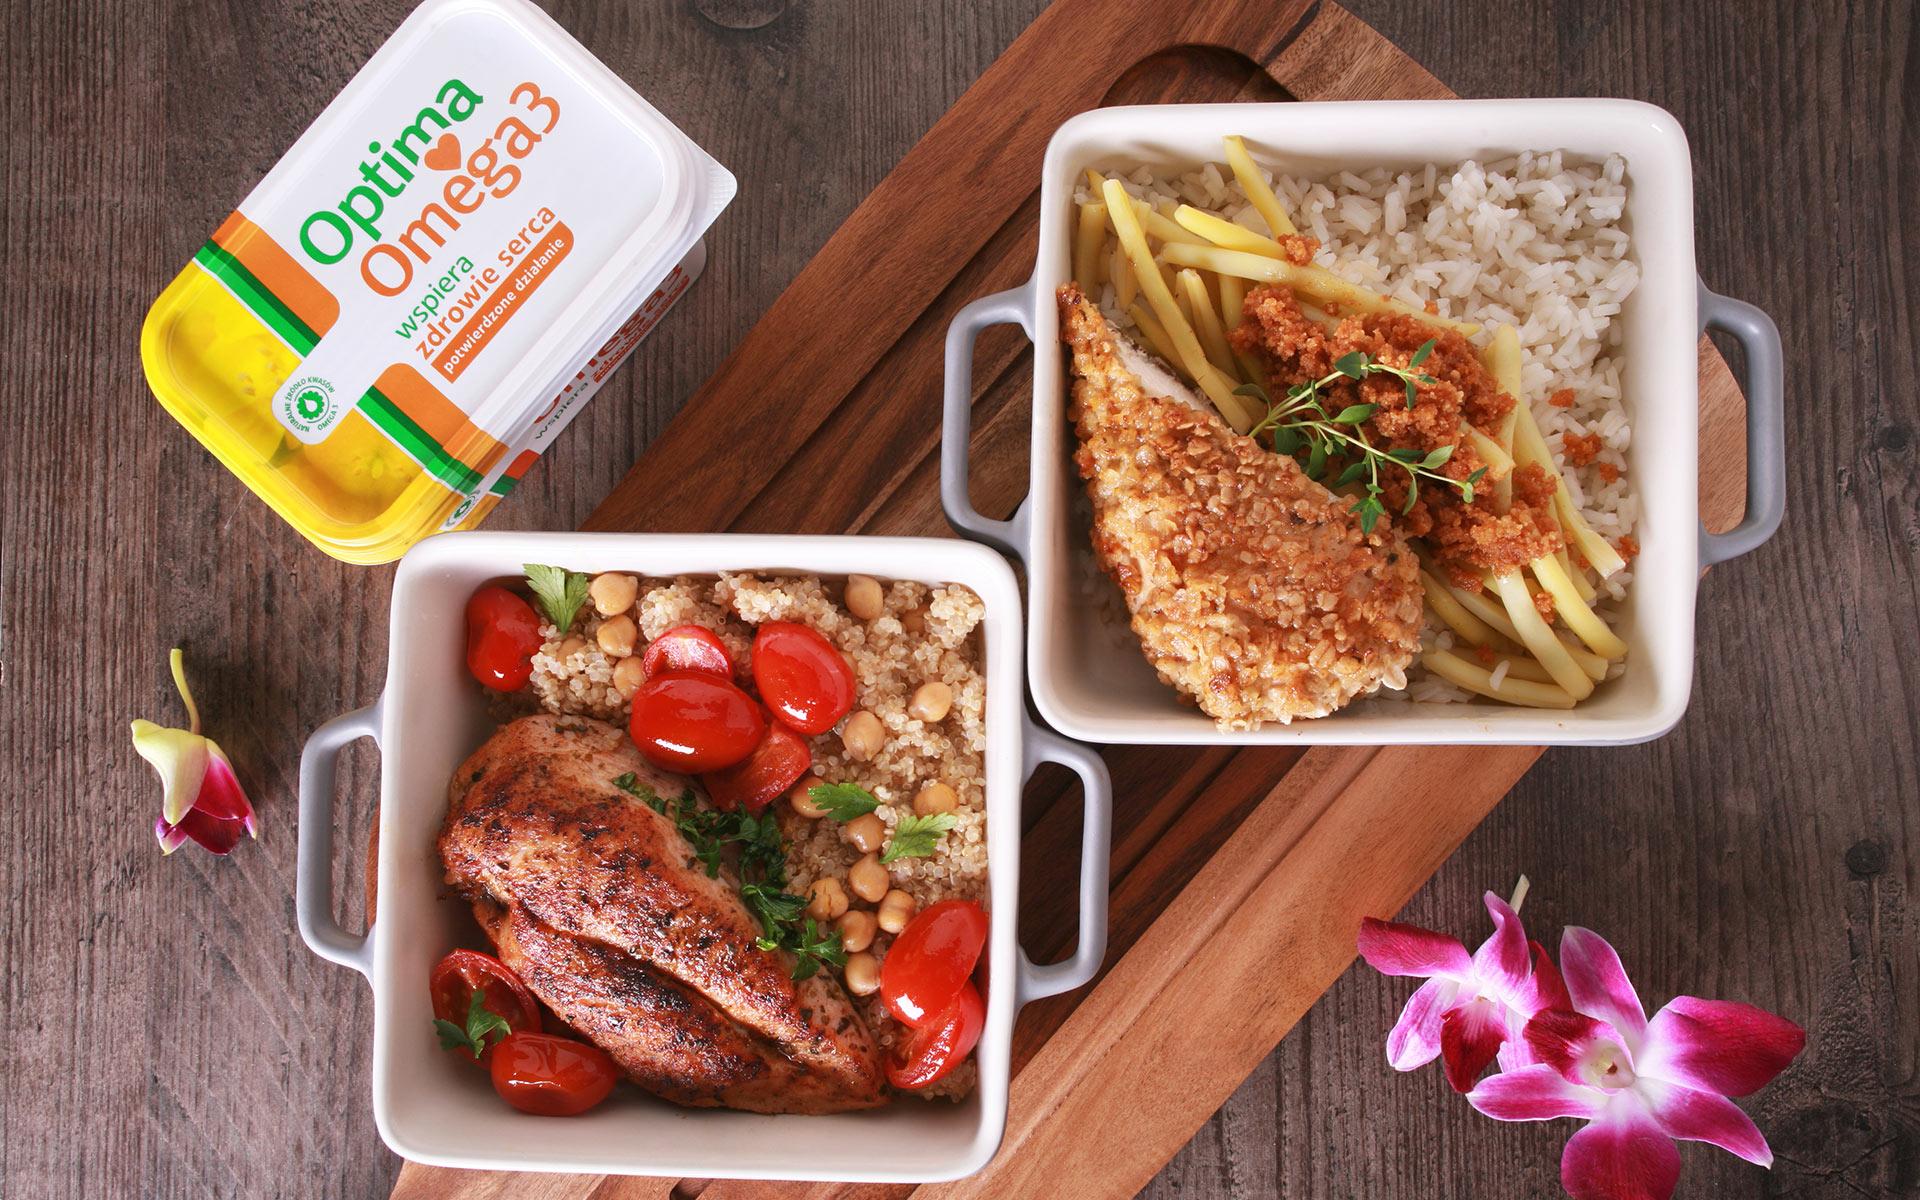 Pieczony kurczak z komosą i ciecierzycą vs. Smażony kurczak z ryżem i fasolką z bułką tartą